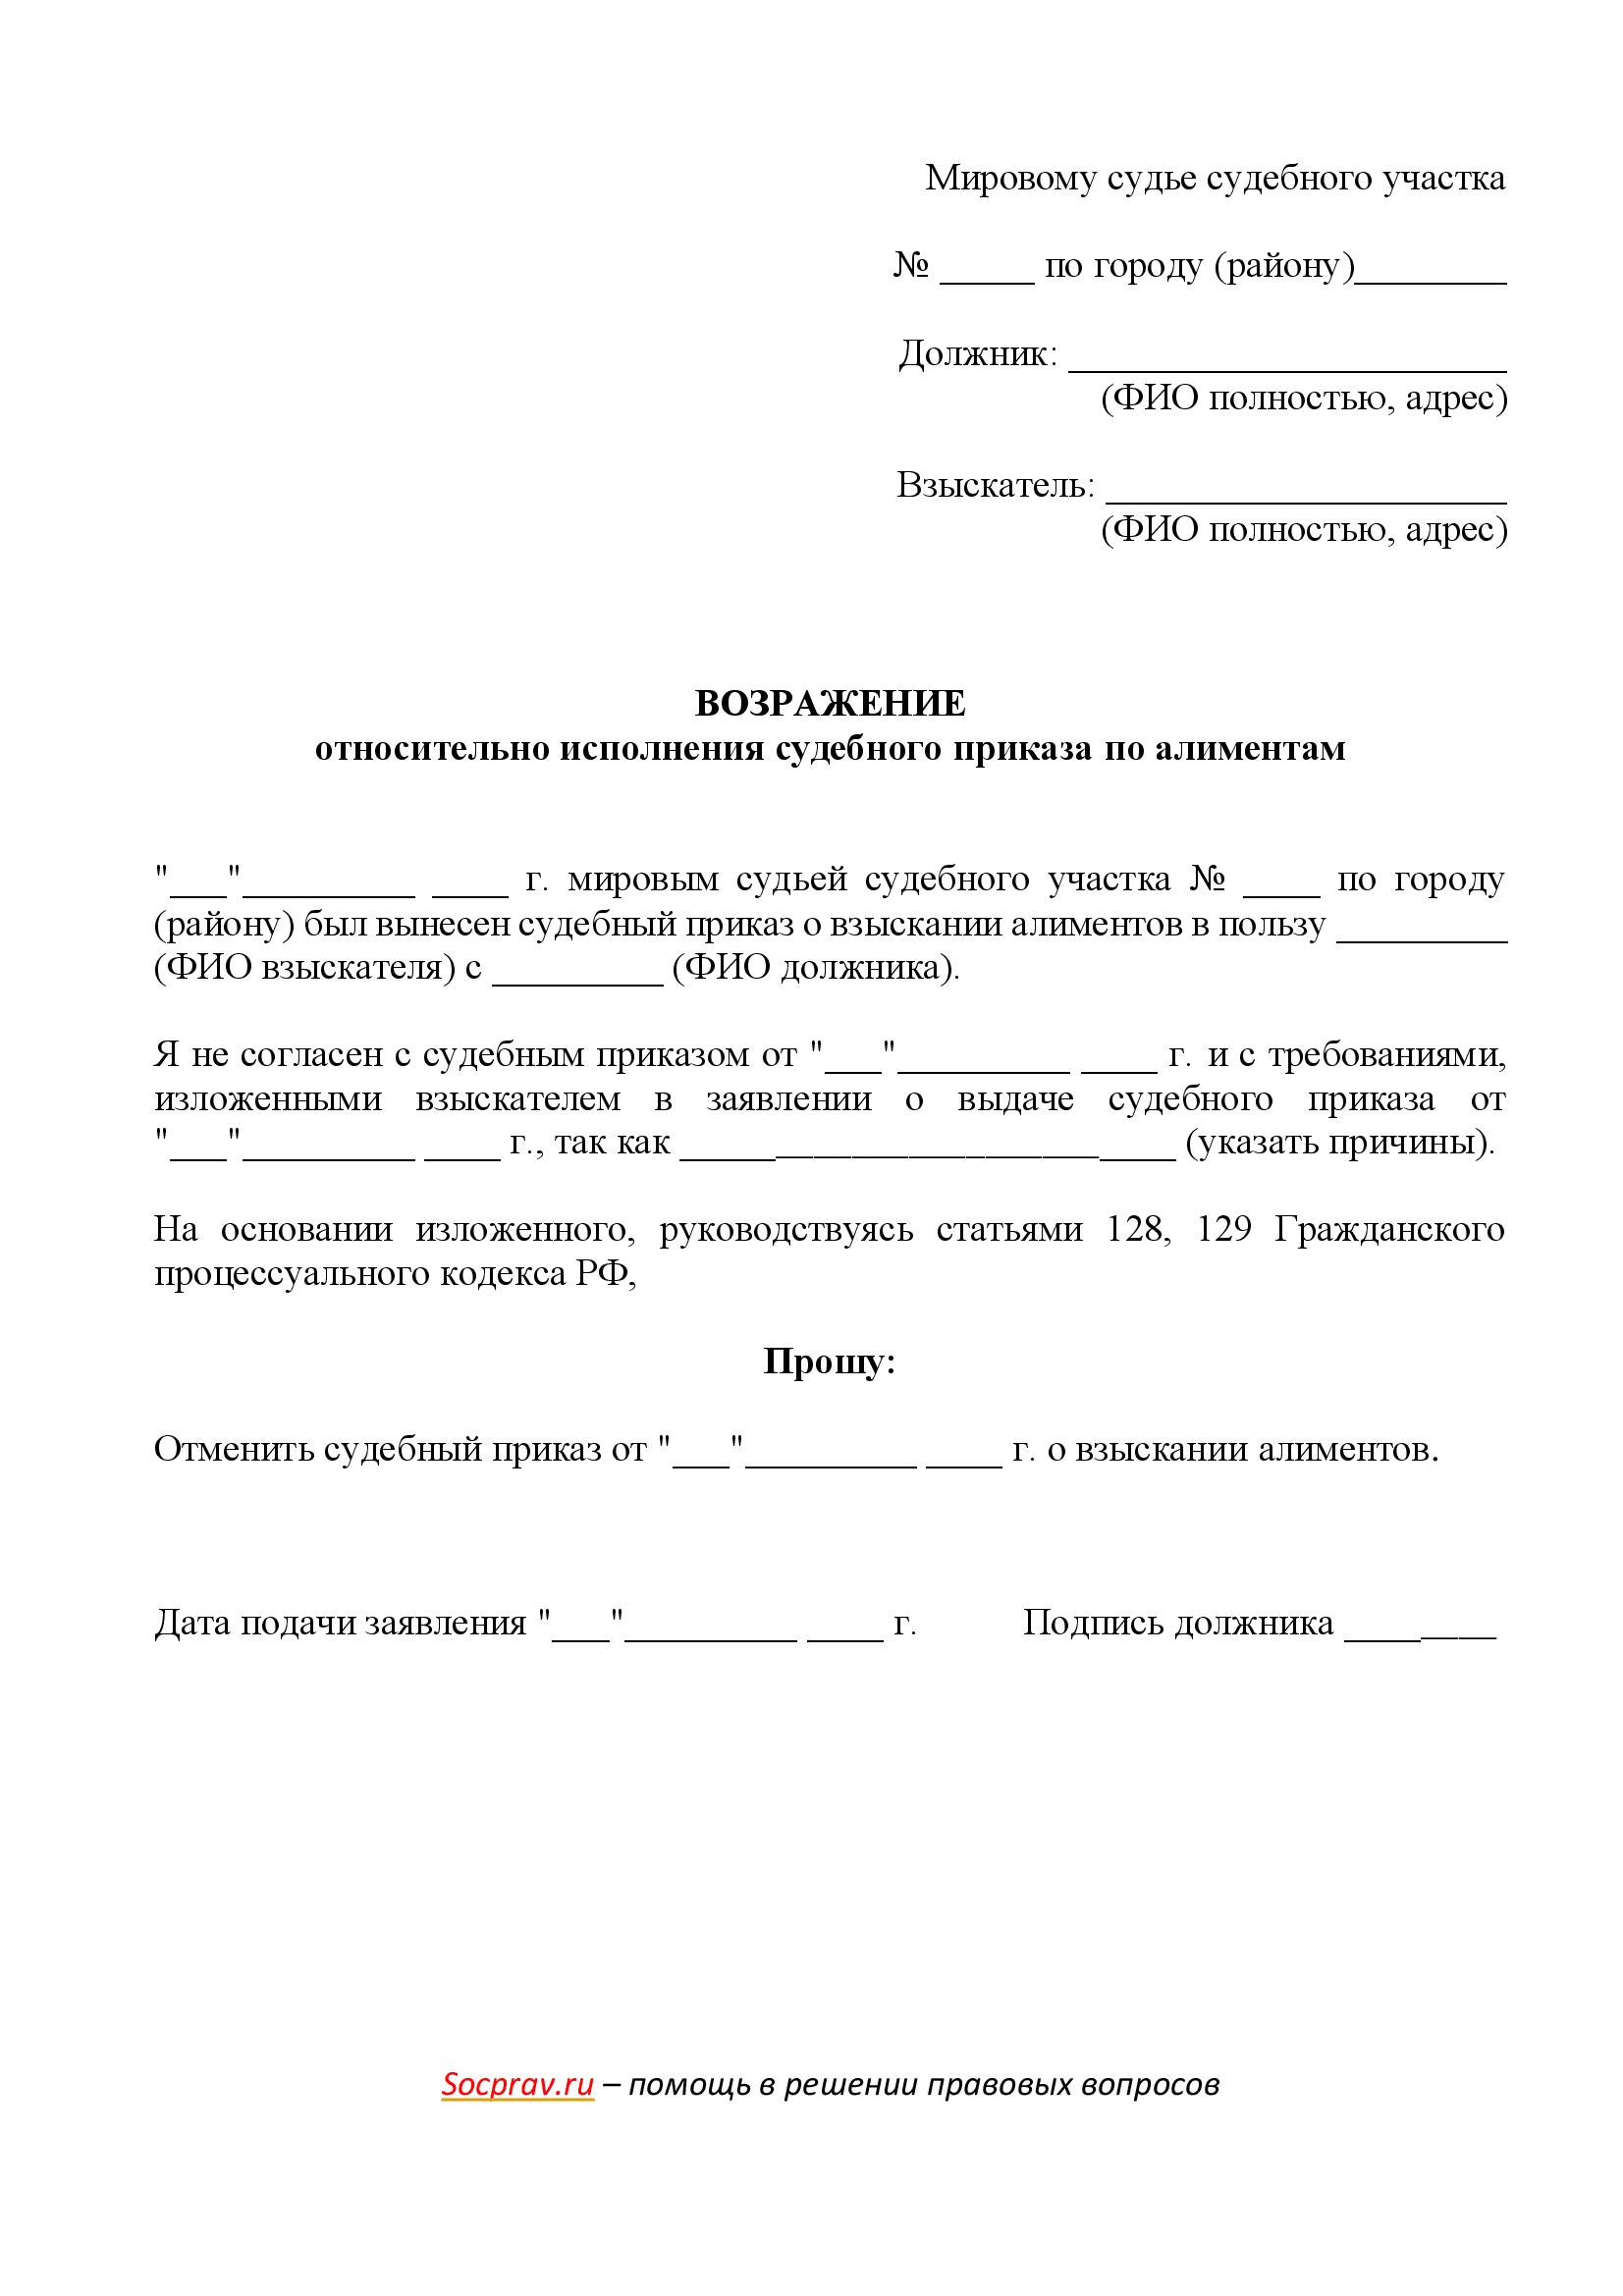 Возражение относительно исполнения судебного приказа по алиментам